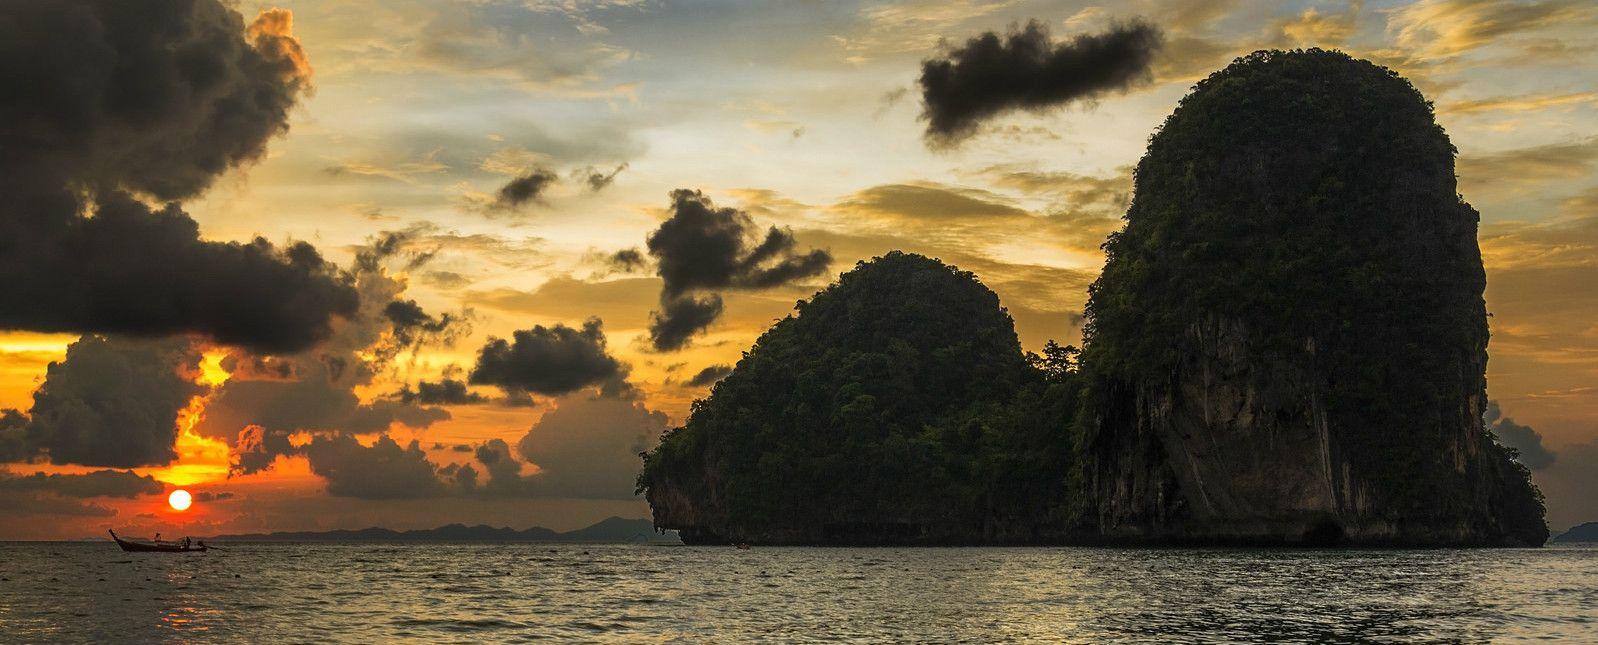 03. Острів Ланбі, М'янма